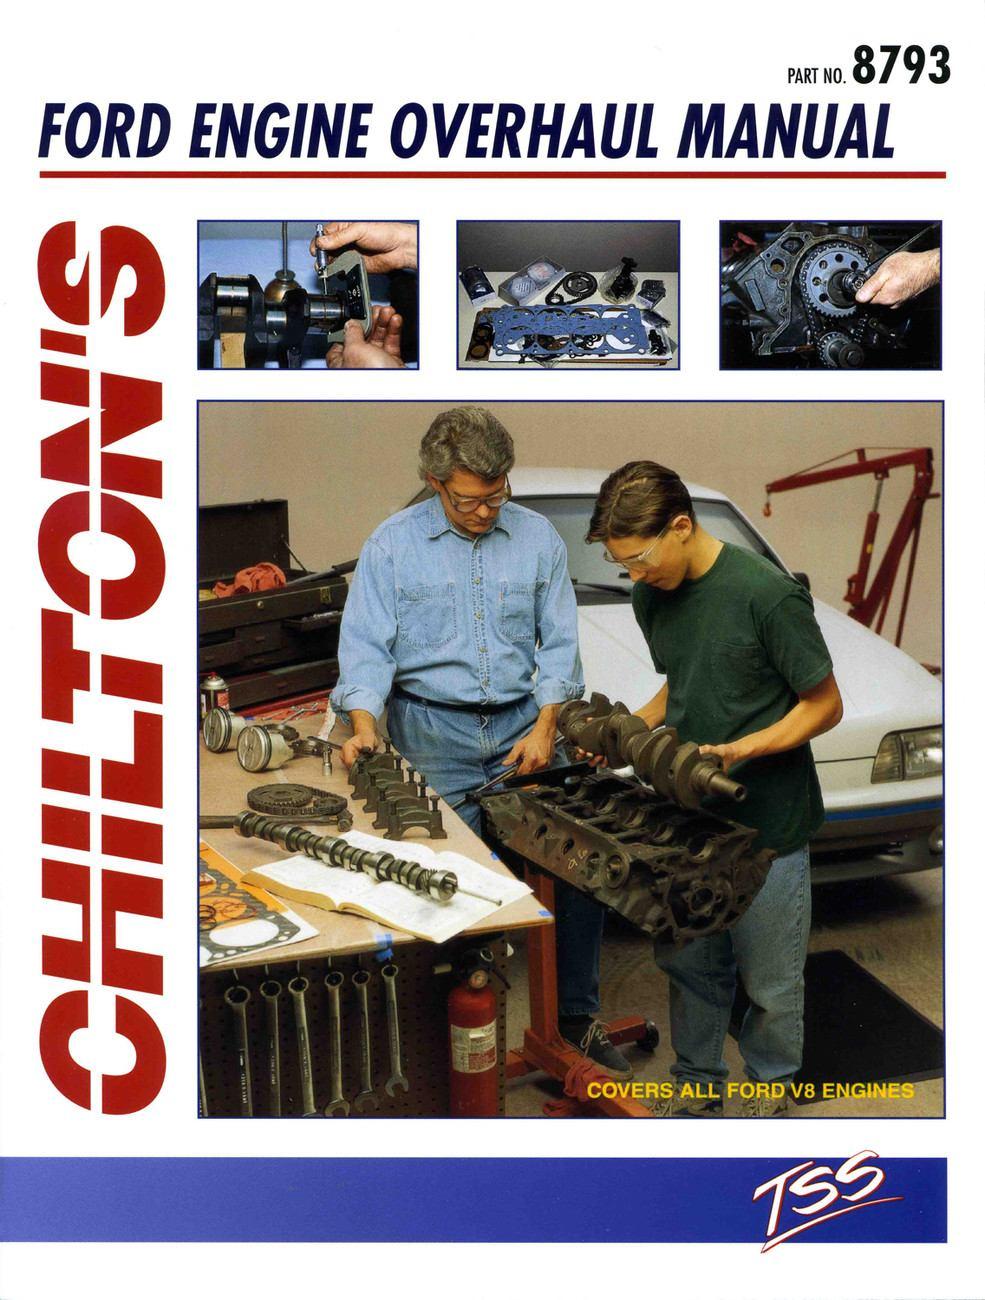 CHILTON BOOK COMPANY - Total Service Repair Manual - CHI 8793